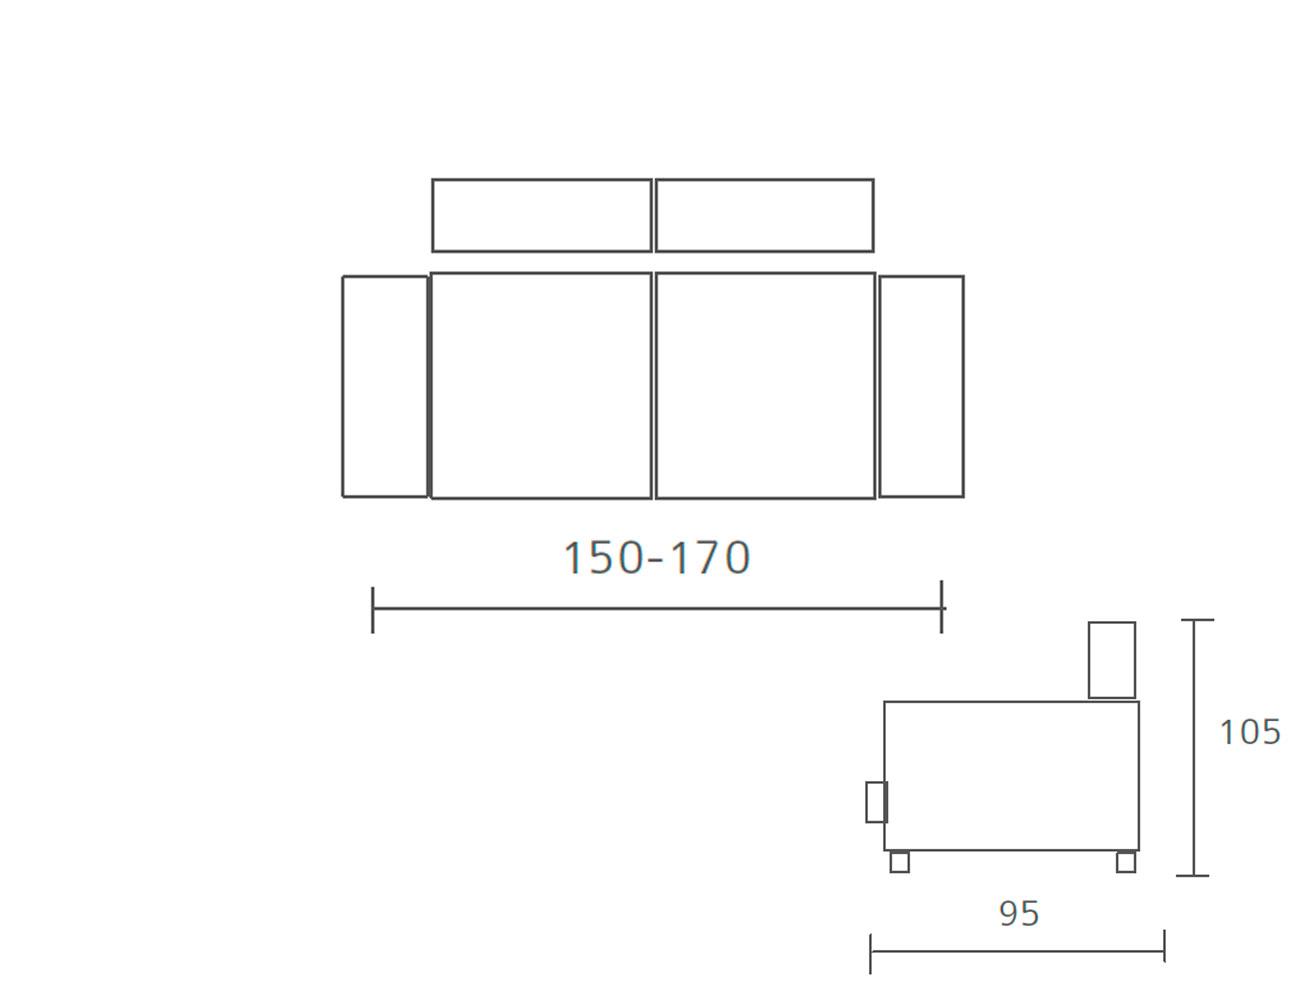 Sofa pedro ortiz fijo 2 plazas 150 1701